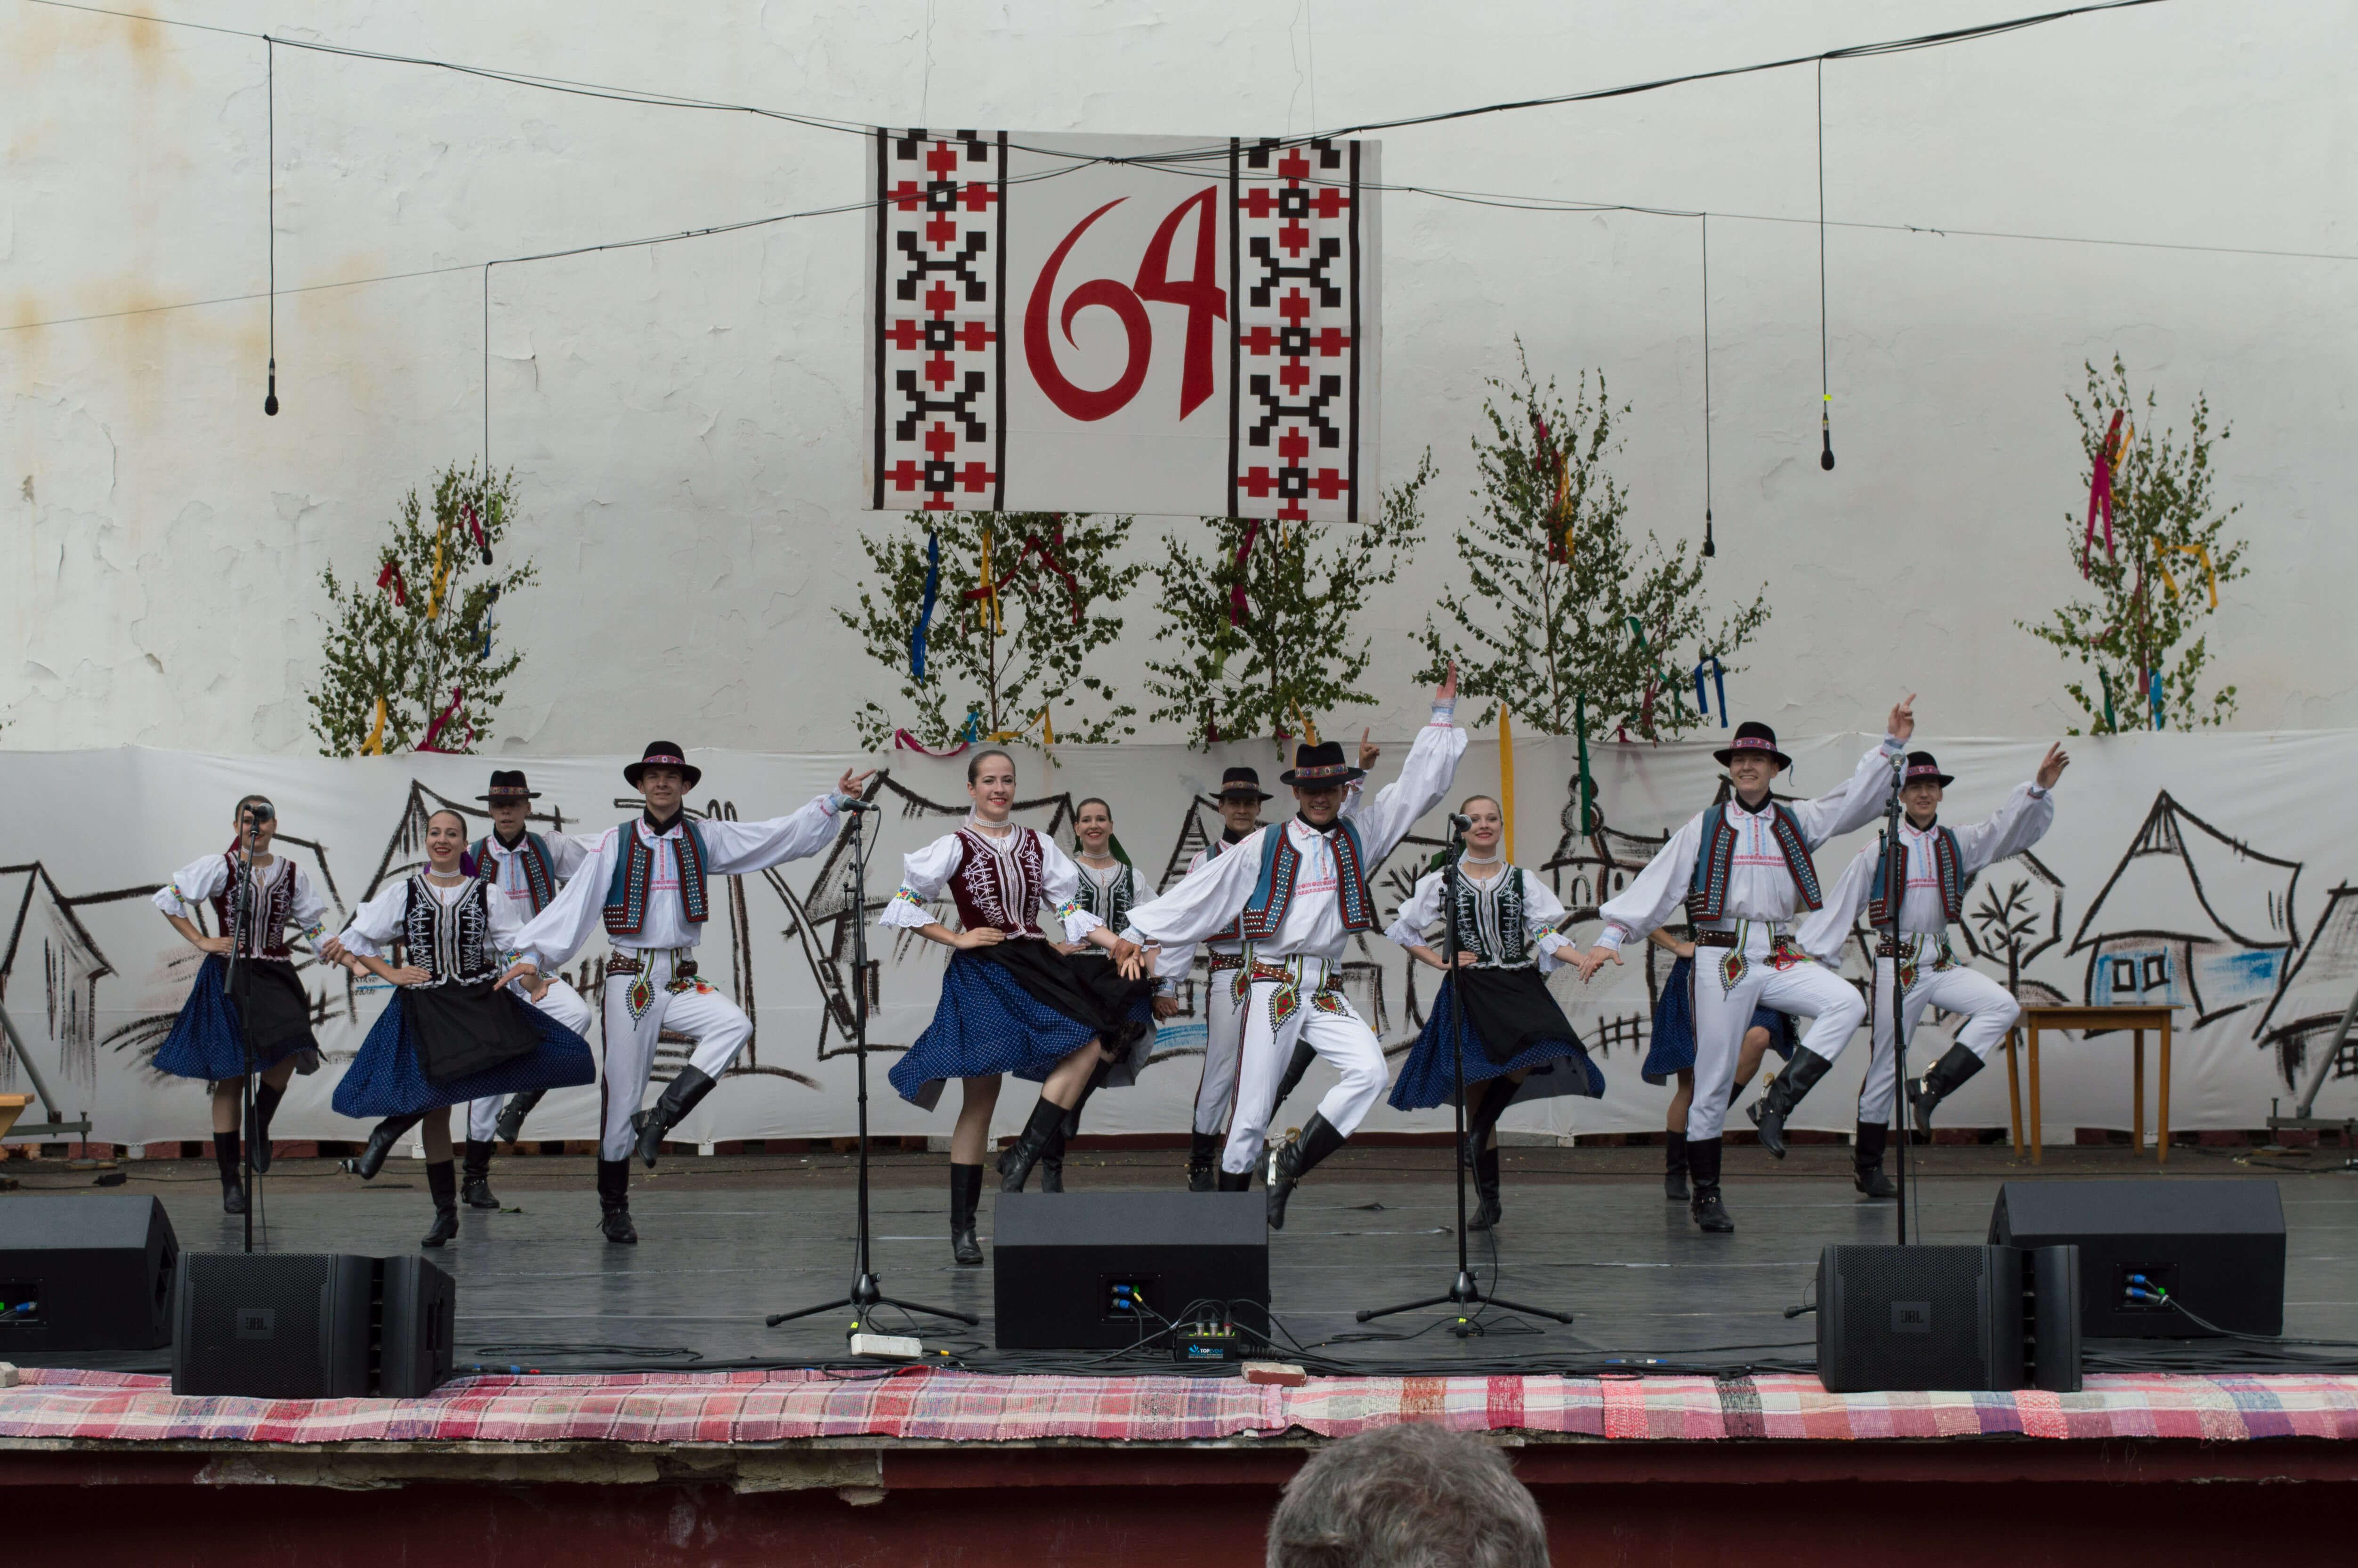 Slávnosti kultúry rusínov-ukrajincov Slovenska - Svidník 2018